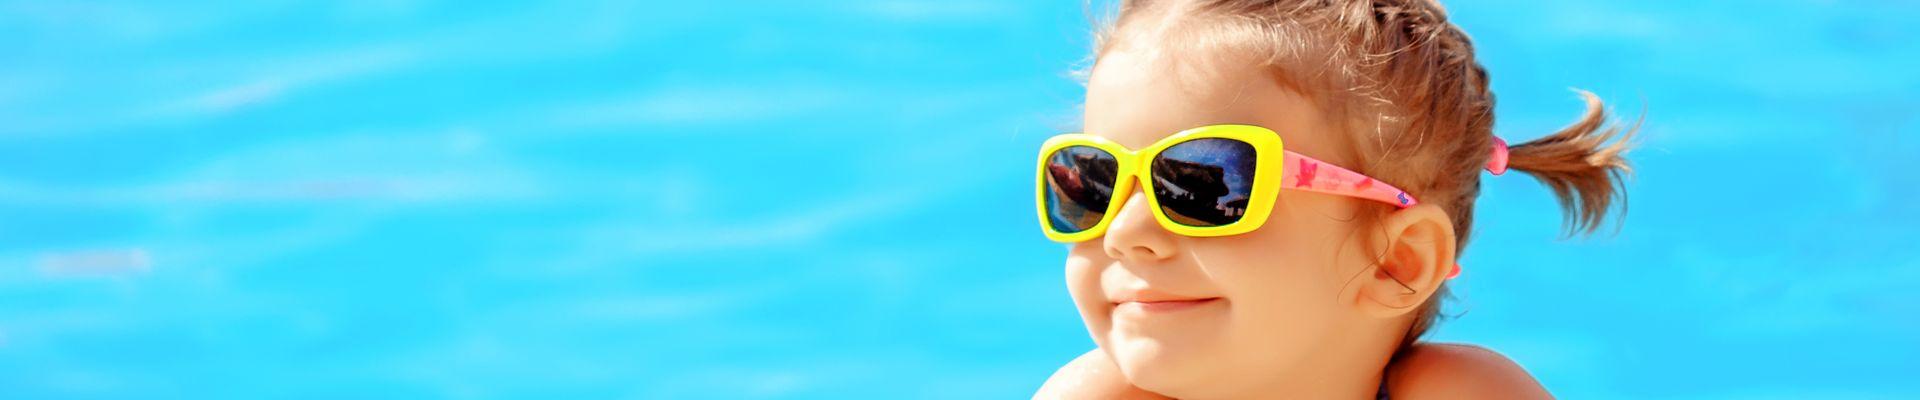 Wellness Wochenende mit Kindern